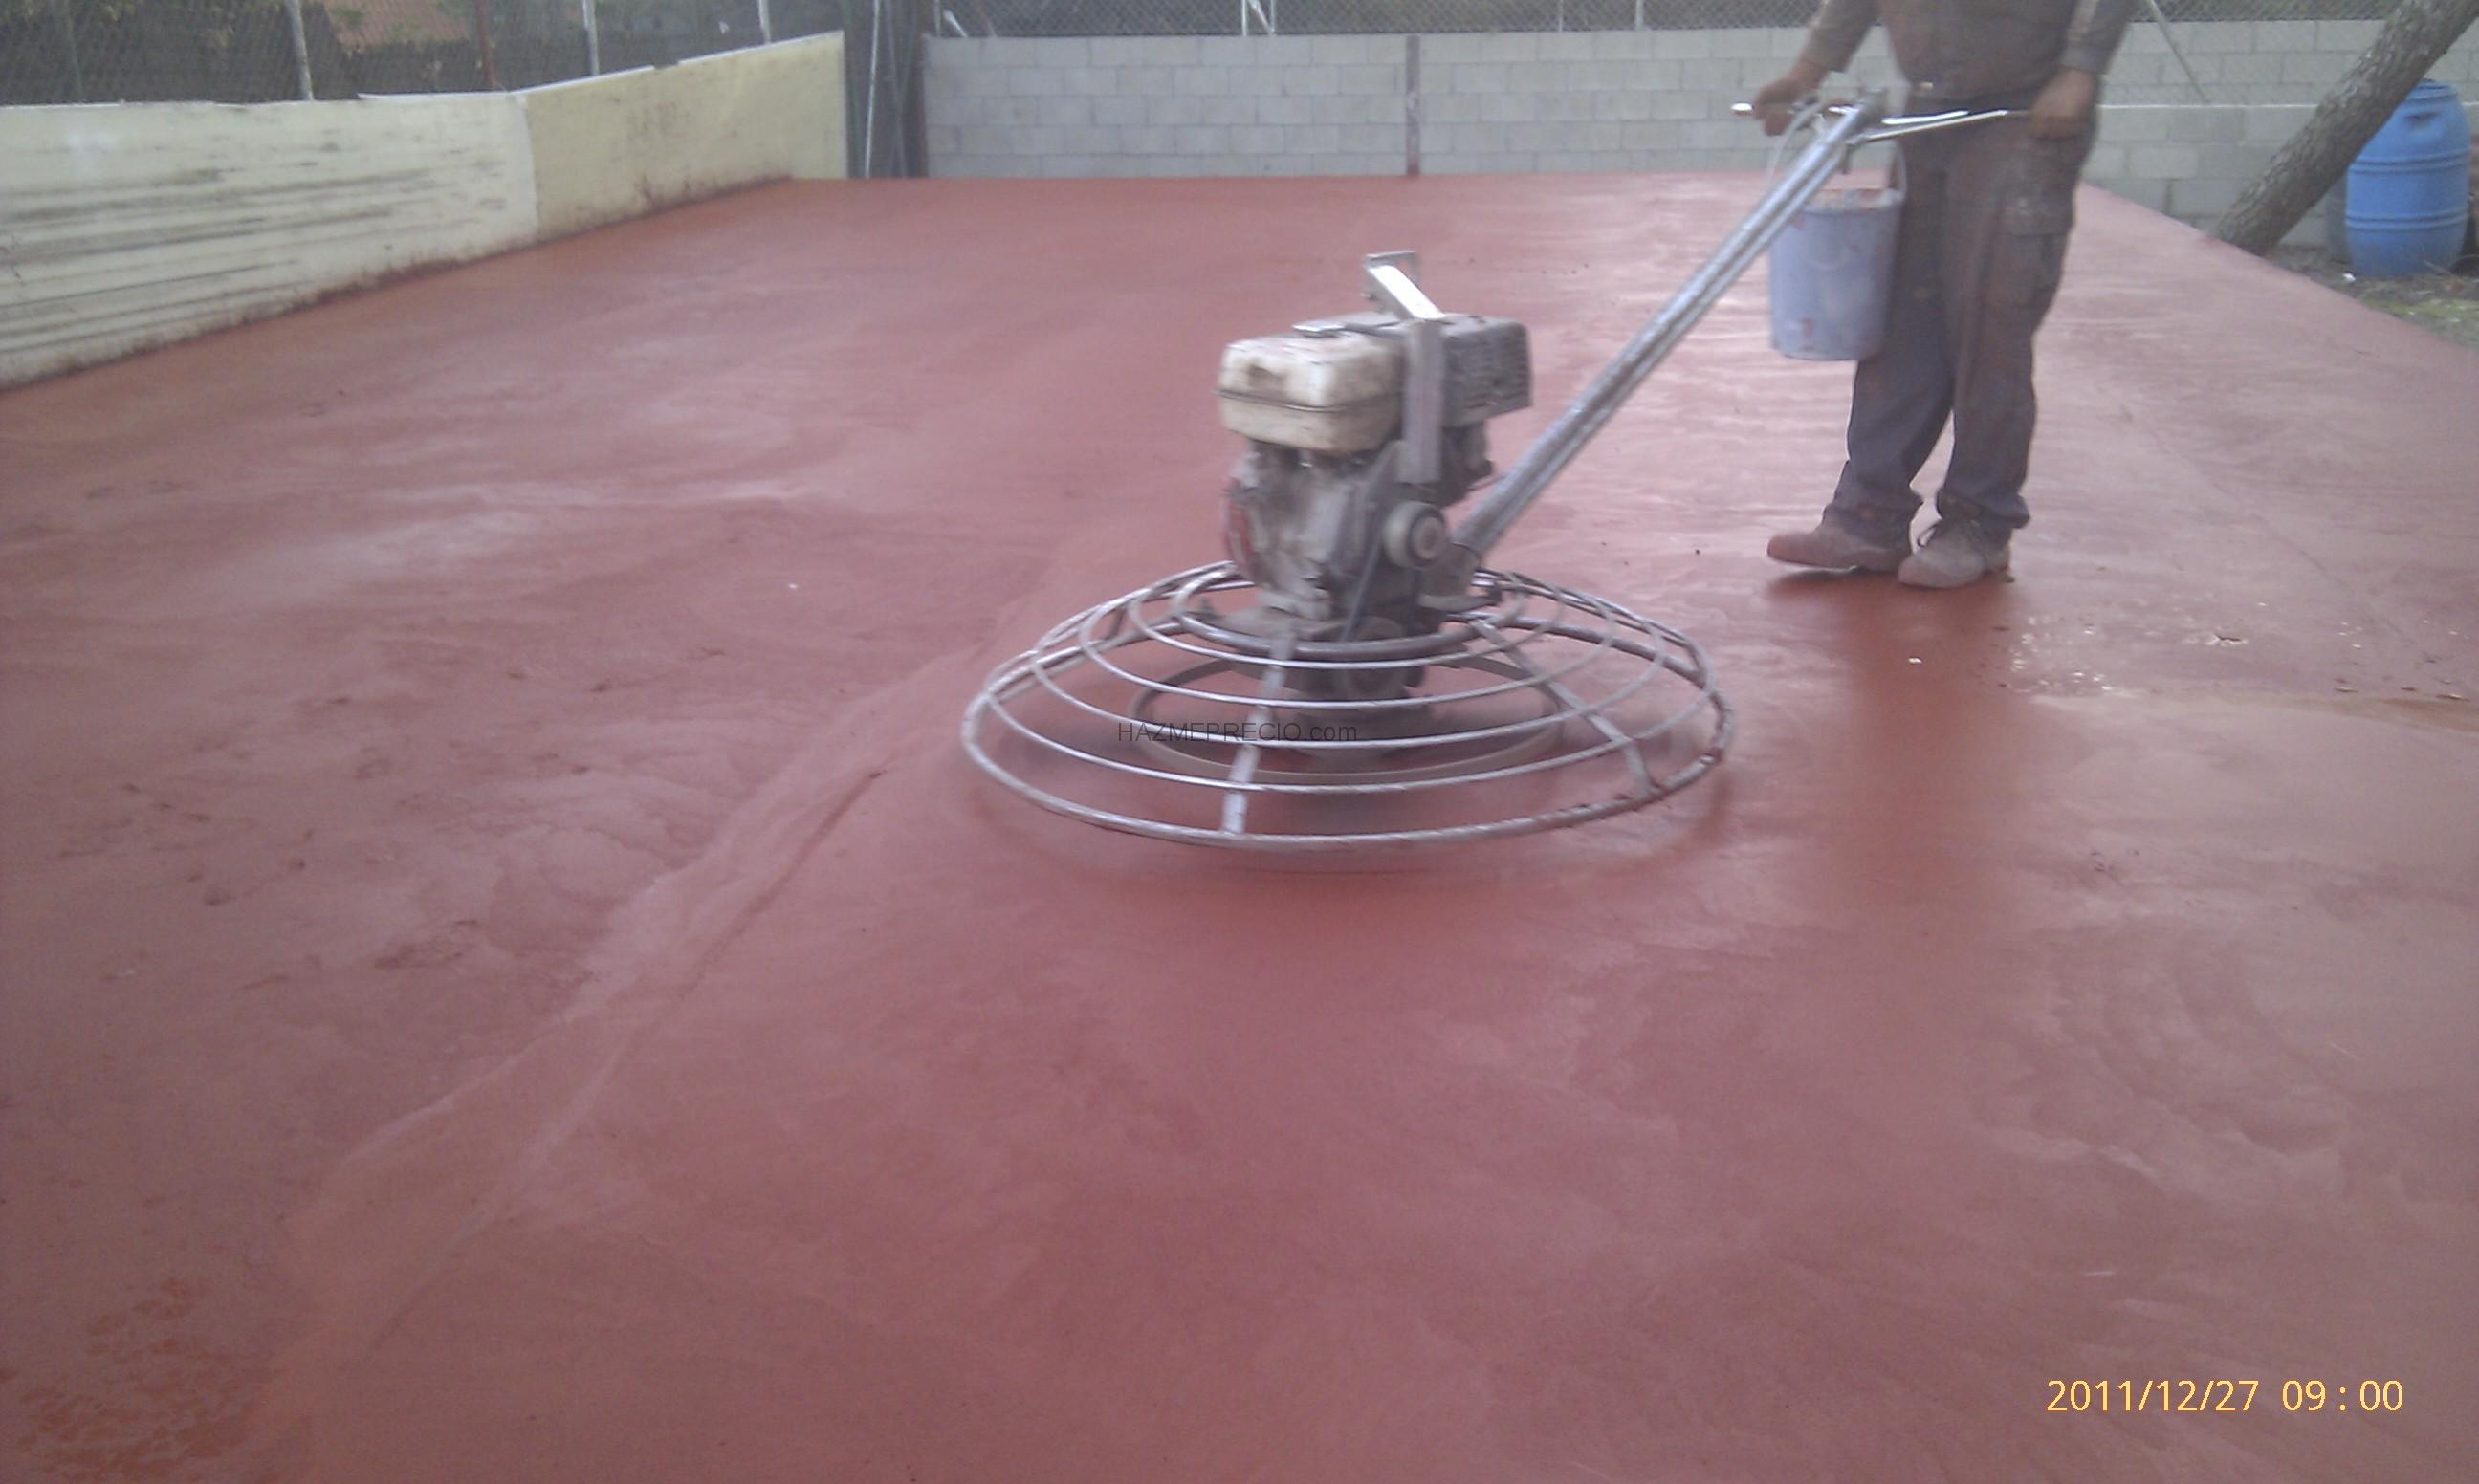 Presupuesto para poner suelo de alrededor de una piscina - Suelo de cemento pulido precio ...